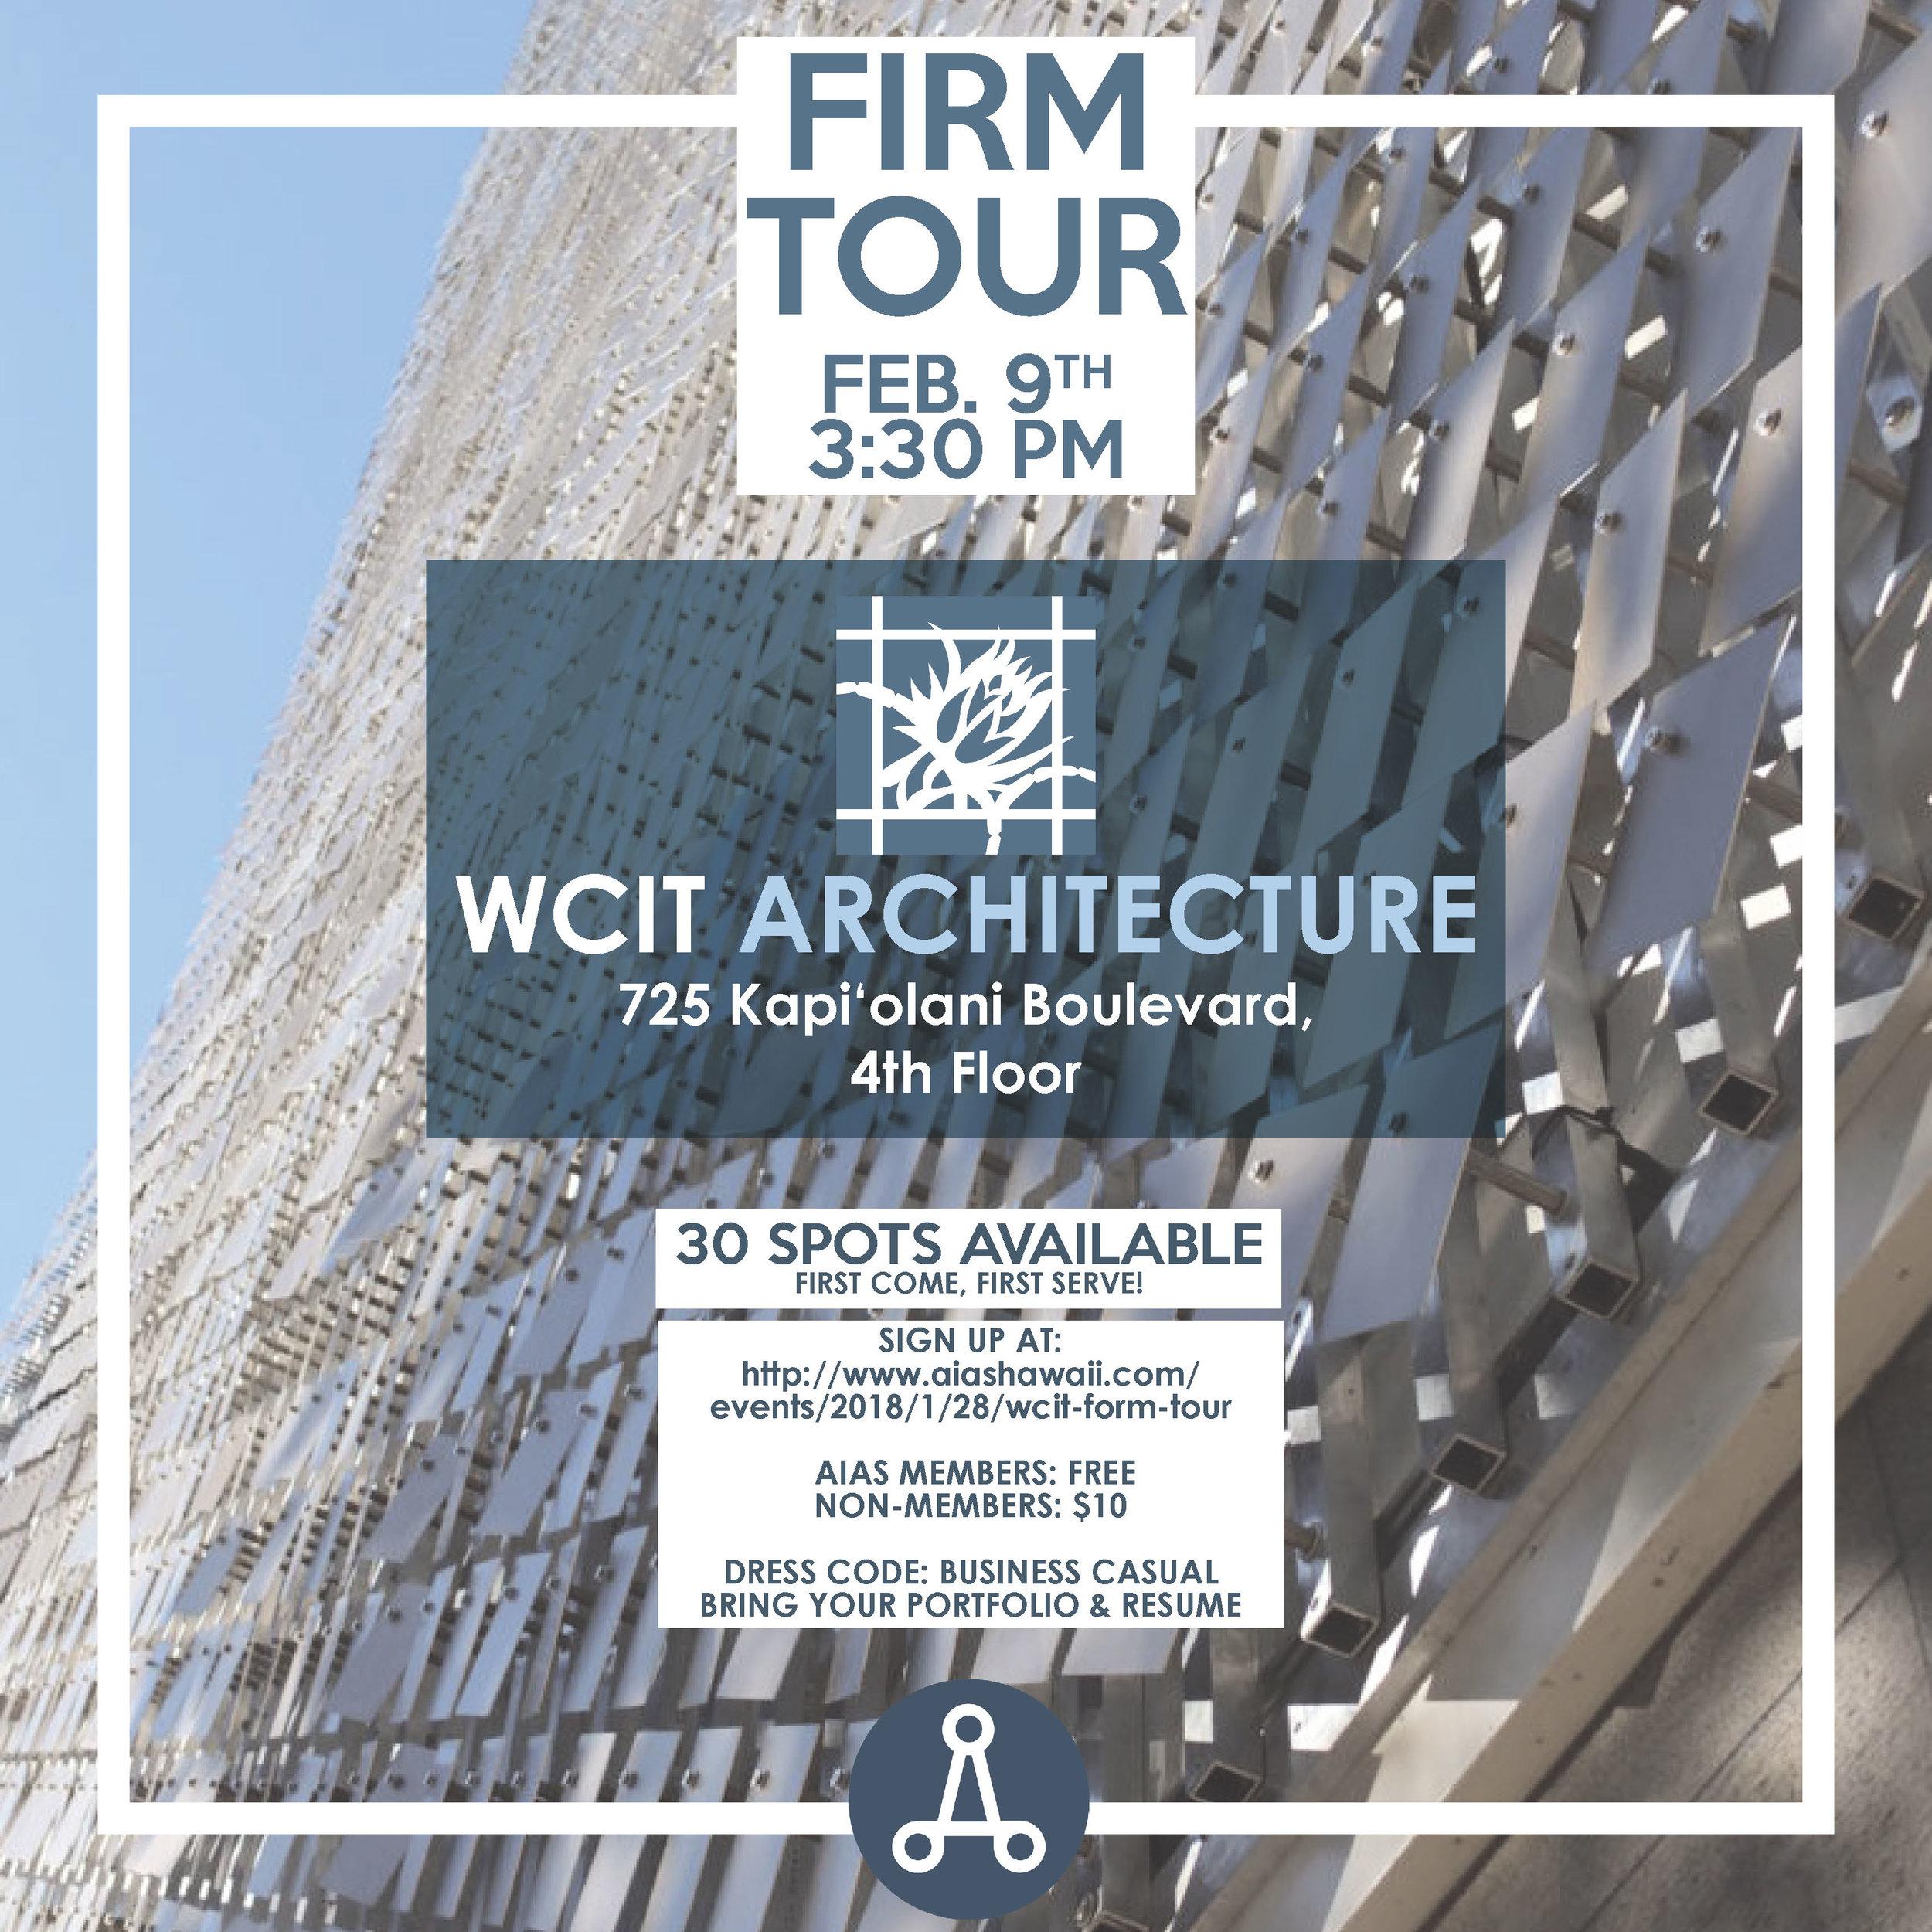 WCIT firm tour poster.jpg